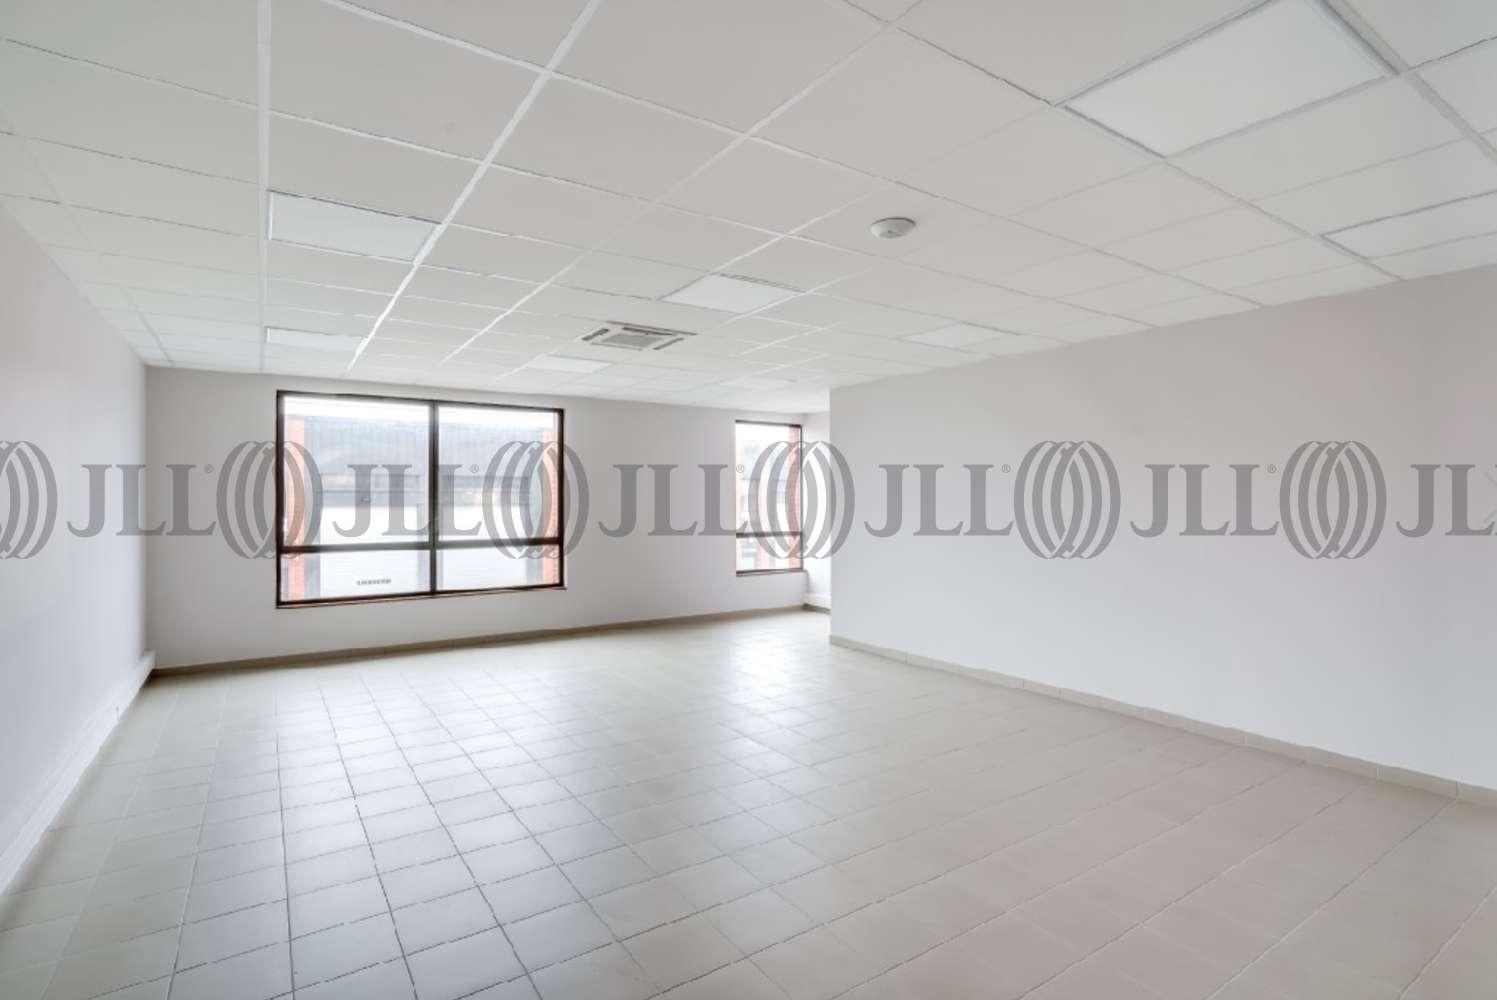 Activités/entrepôt Groslay, 95410 - ACTI PARC MONT DU VAL D'OISE